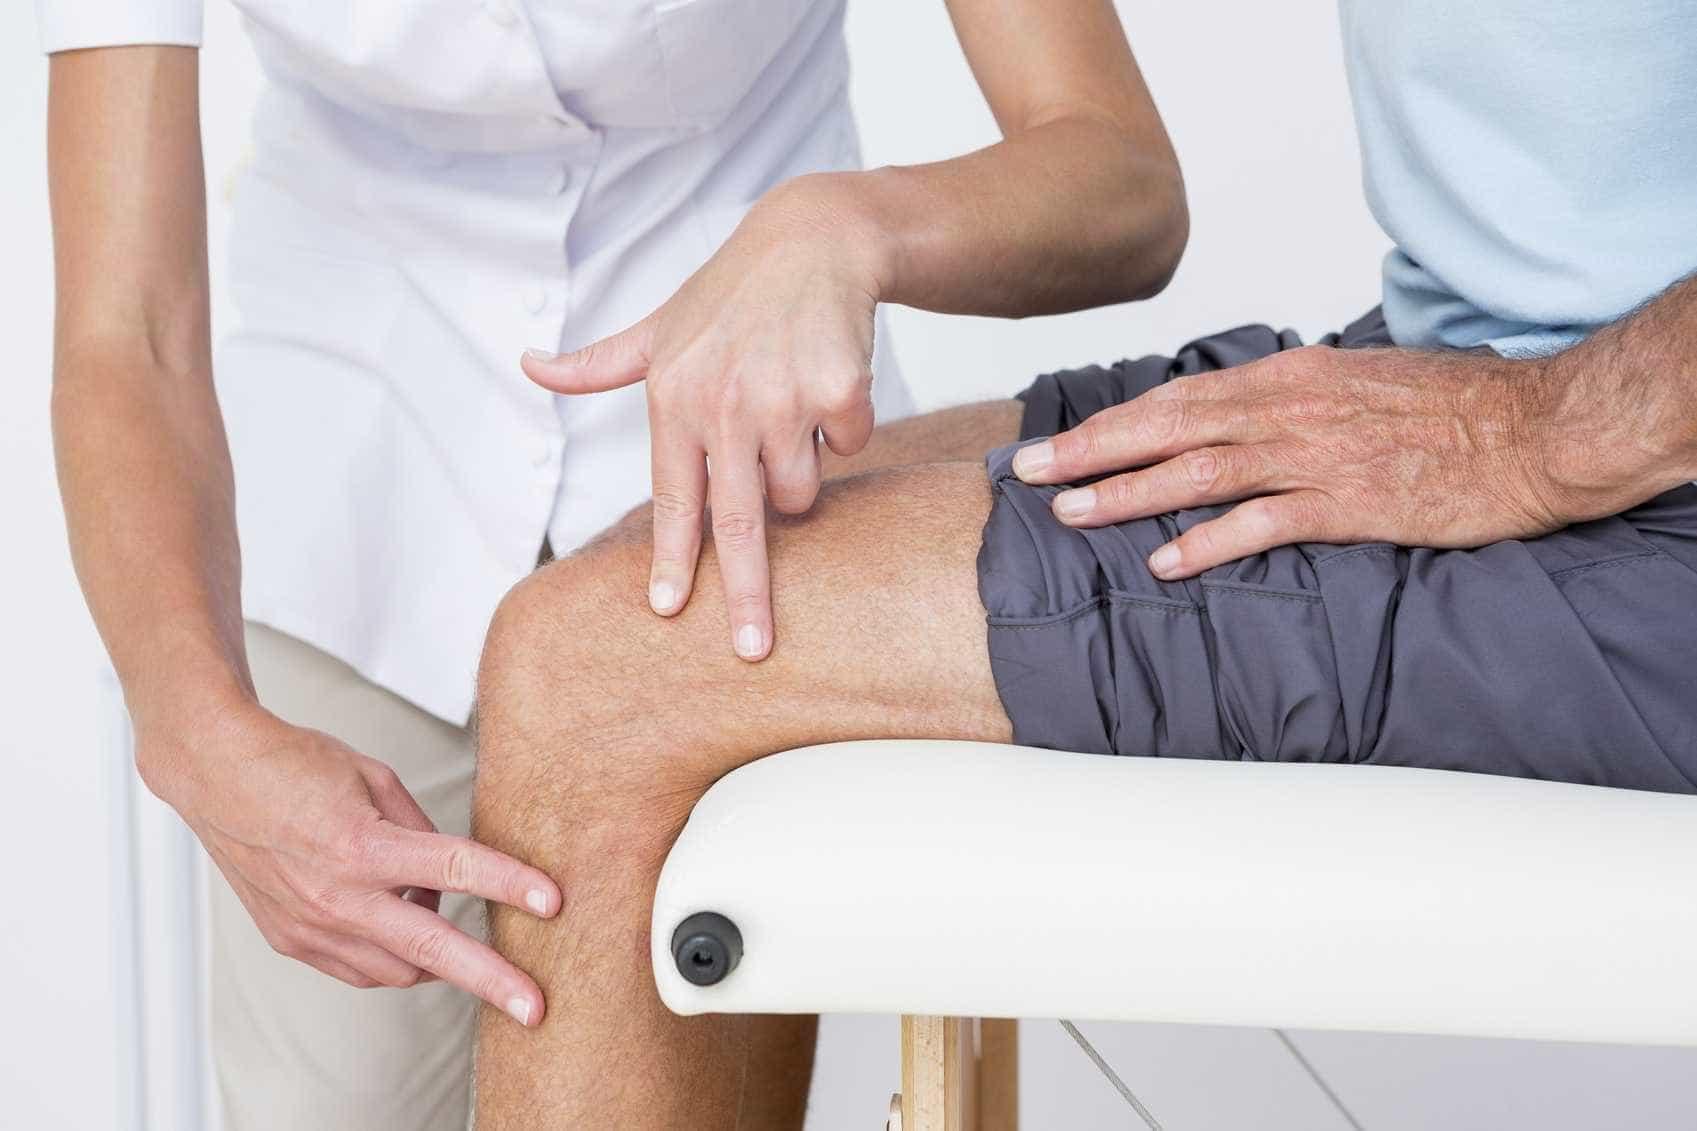 Associação de fisioterapeutas contra projeto de regulamento do ato médico